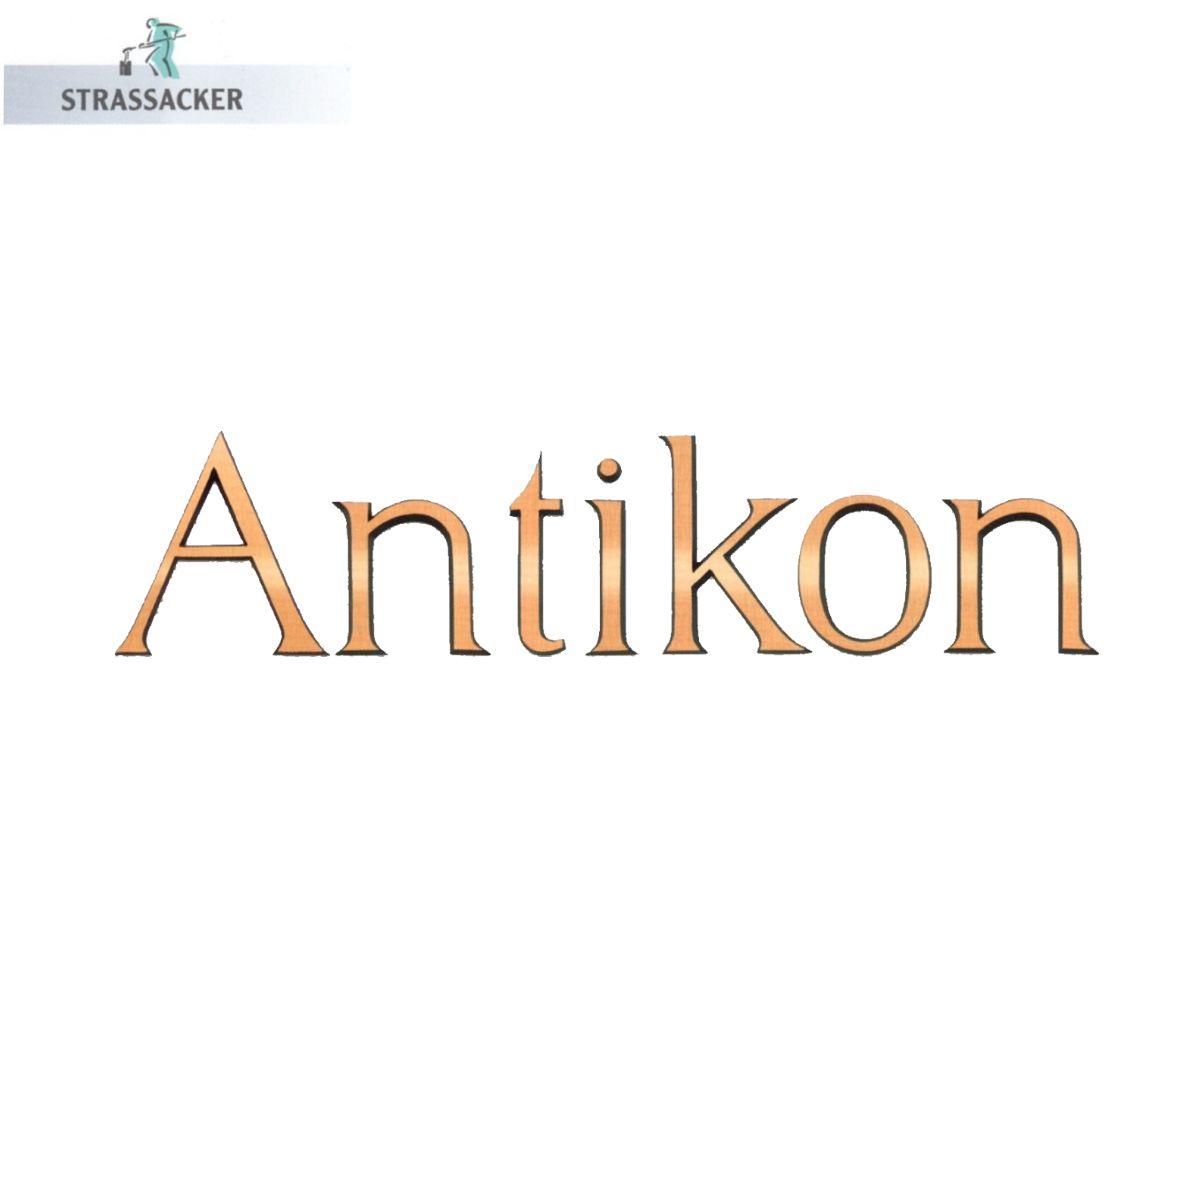 Buchstaben Für Grabsteine Typ Antiqua, Bronzebuchstaben